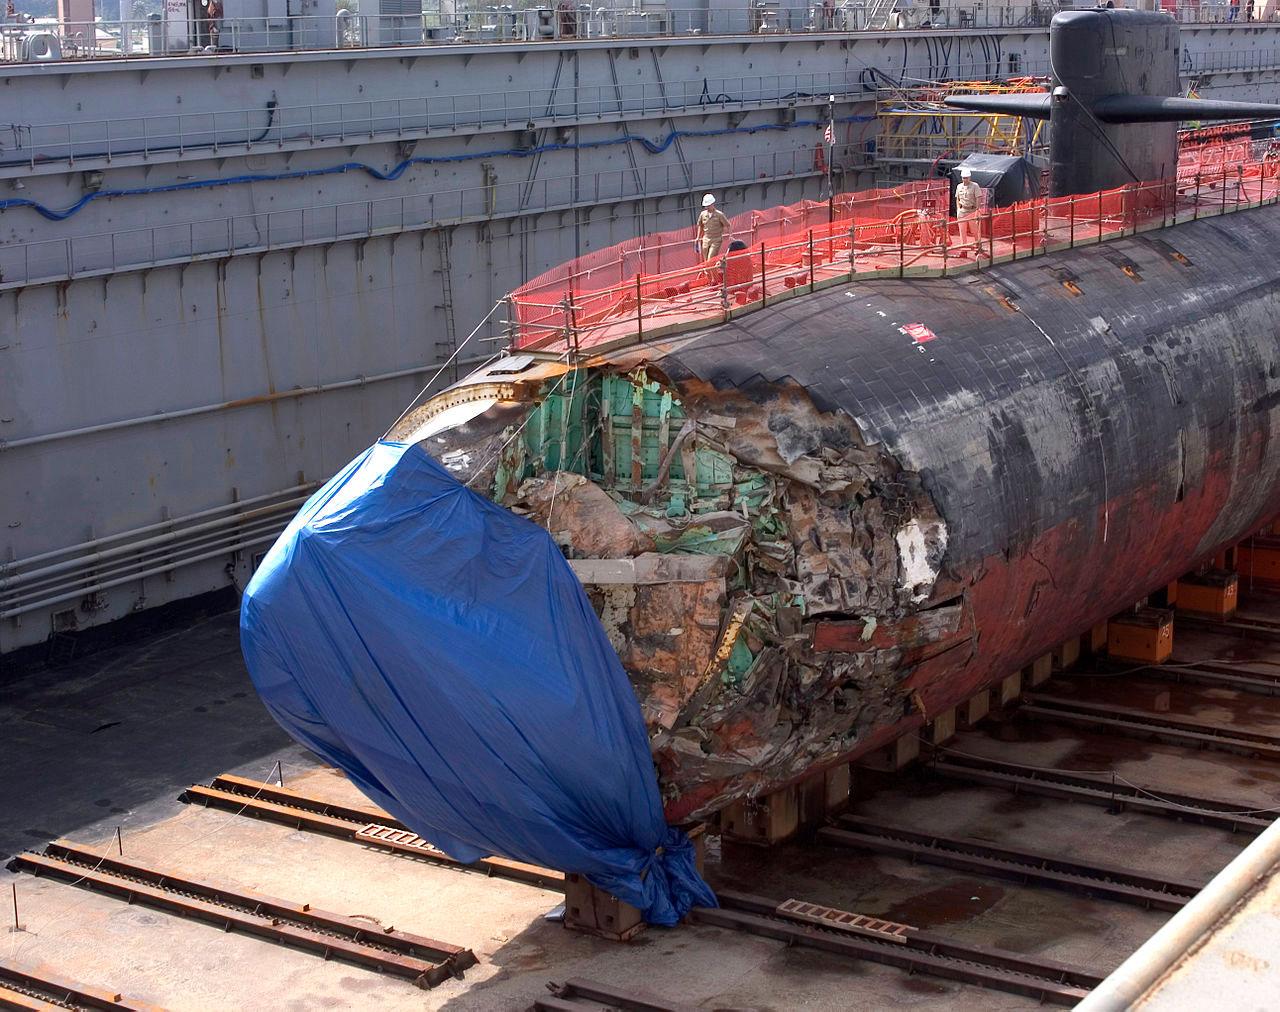 USS San Francisco kazanın ardından Guam'da tamirdeyken. [Wikipedia]